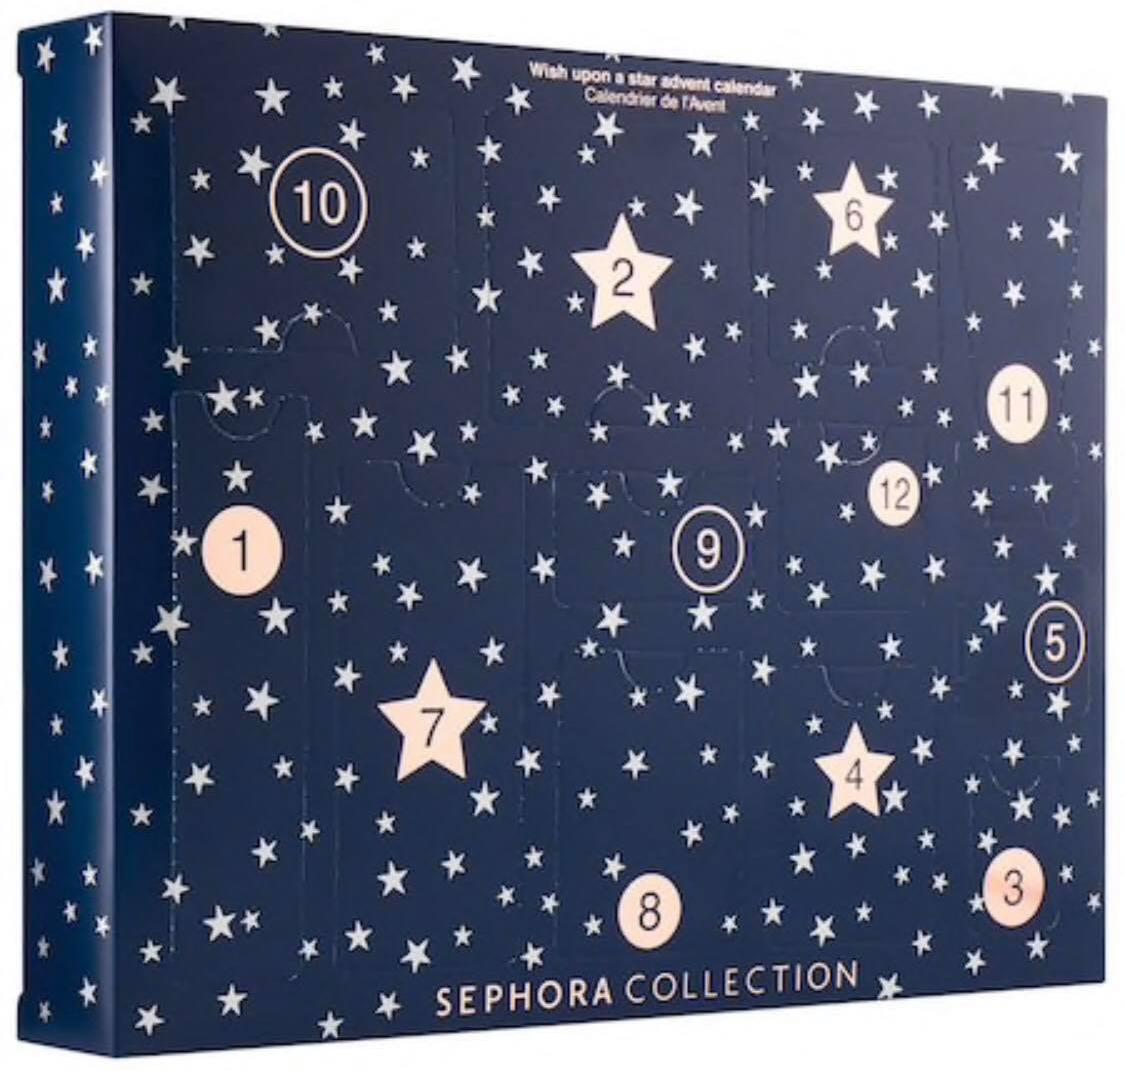 Sephora christmas gift sets 2019